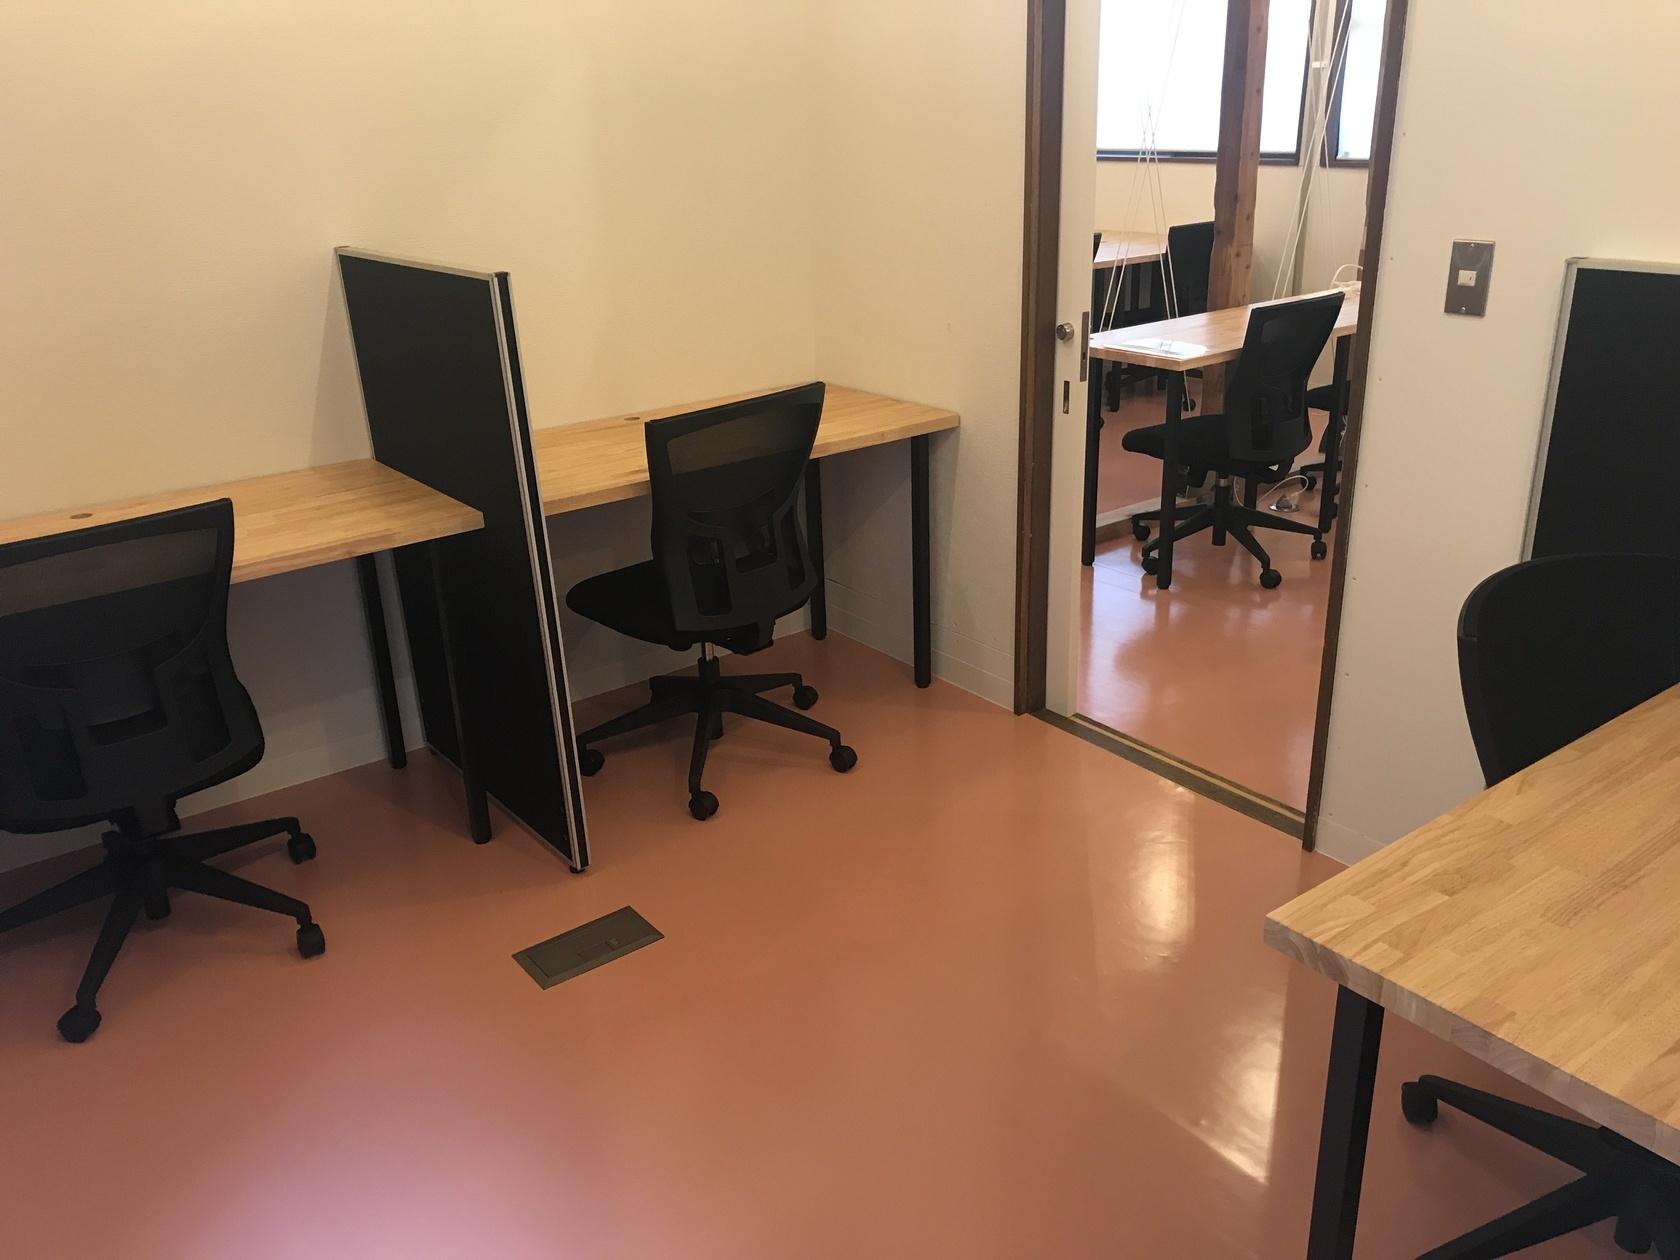 【つなぐラボ高輪】古民家オフィス、利用方法は色々です♪(つなぐラボ高輪) の写真0